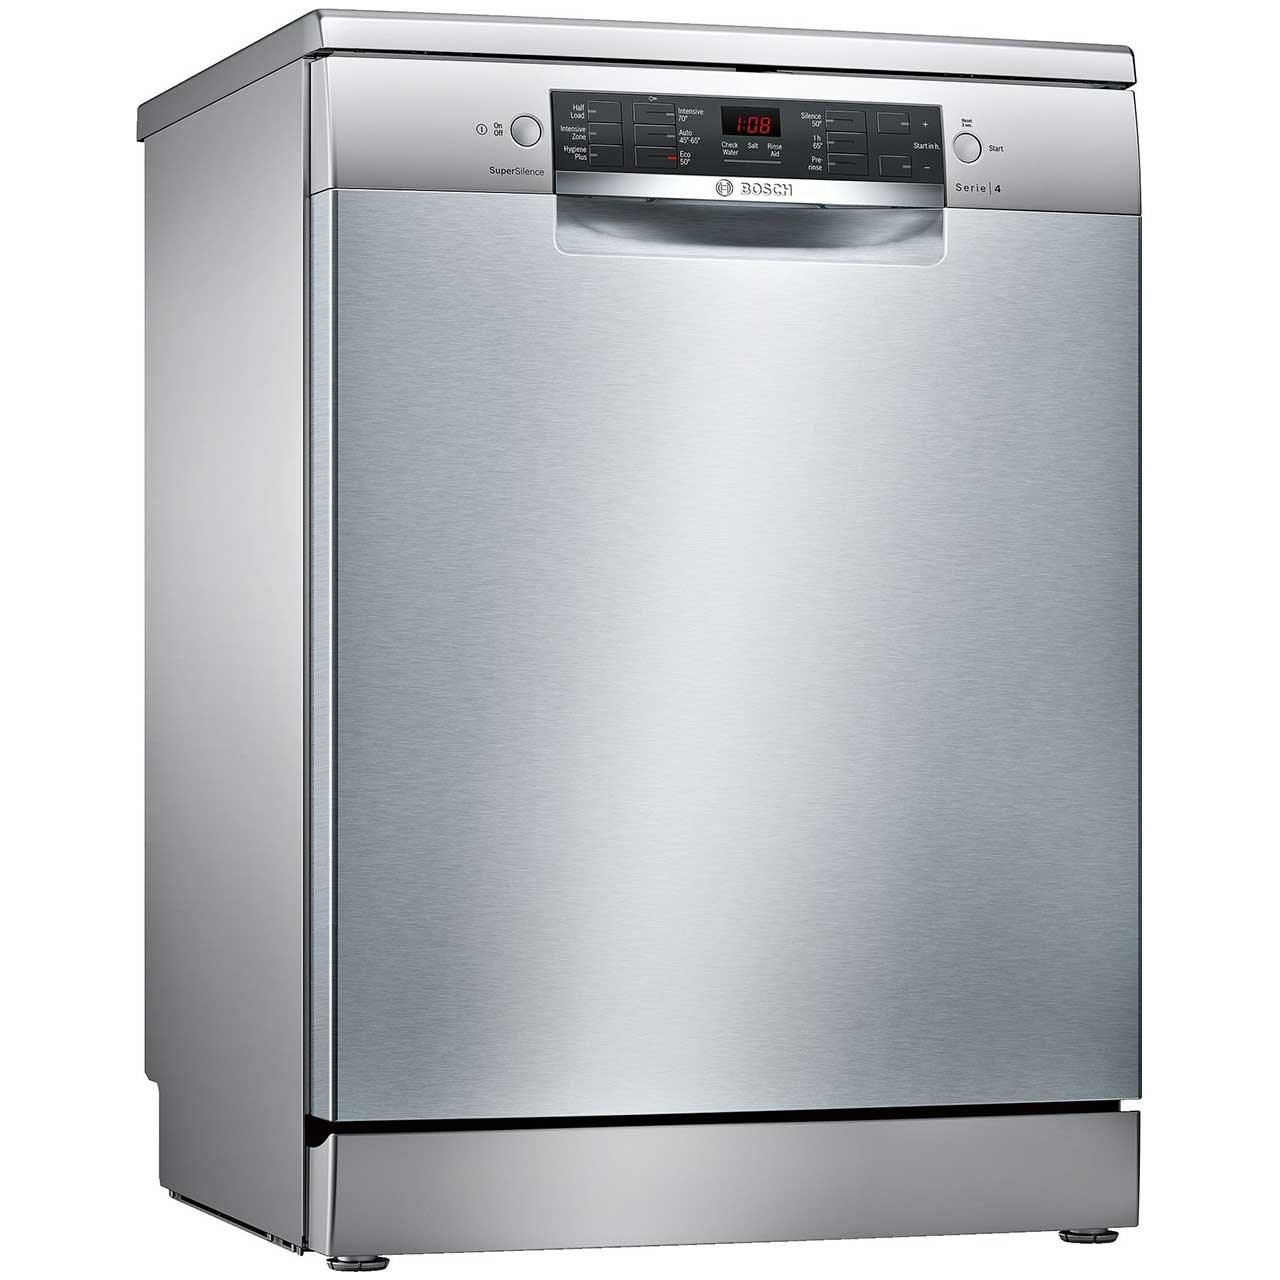 تصویر ماشین ظرفشویی بوش مدل SMS46MW01B / SMS46MI01B Bosch 4 Series SMS46M01B Dishwasher